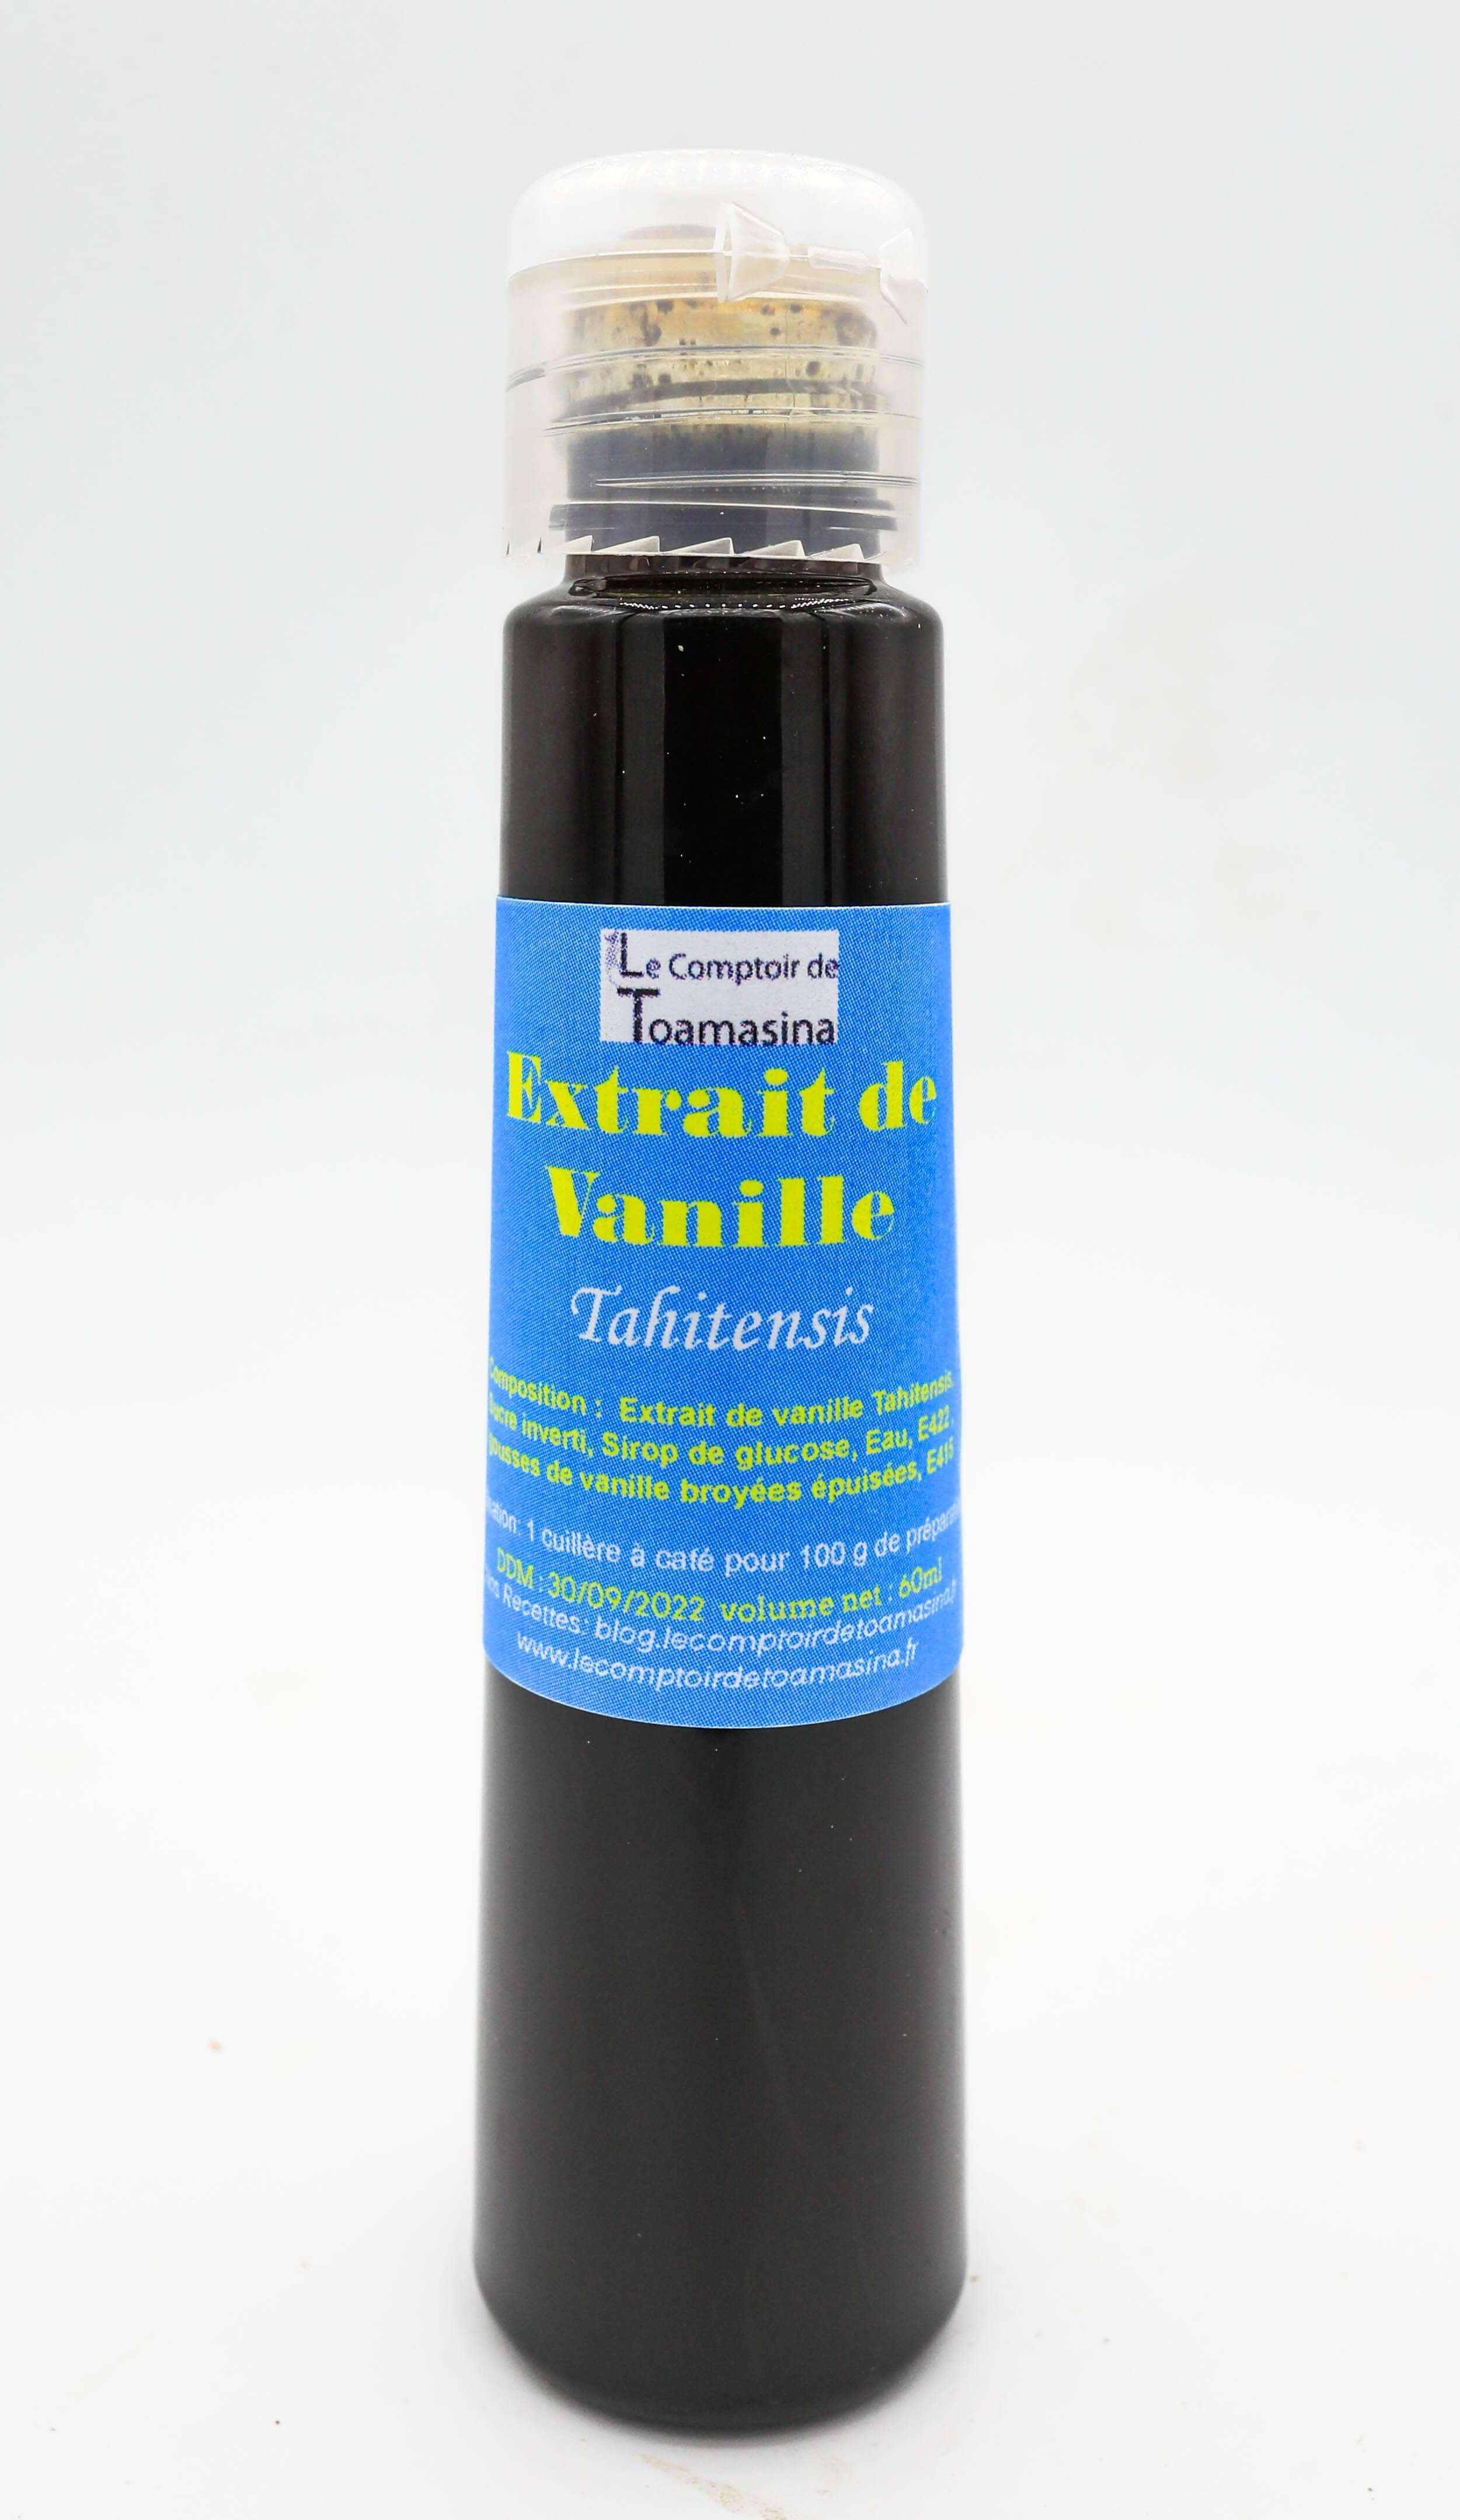 Extrait de vanille Tahitensis à pâtisserie, achat et vente de gousses de vanille liquide